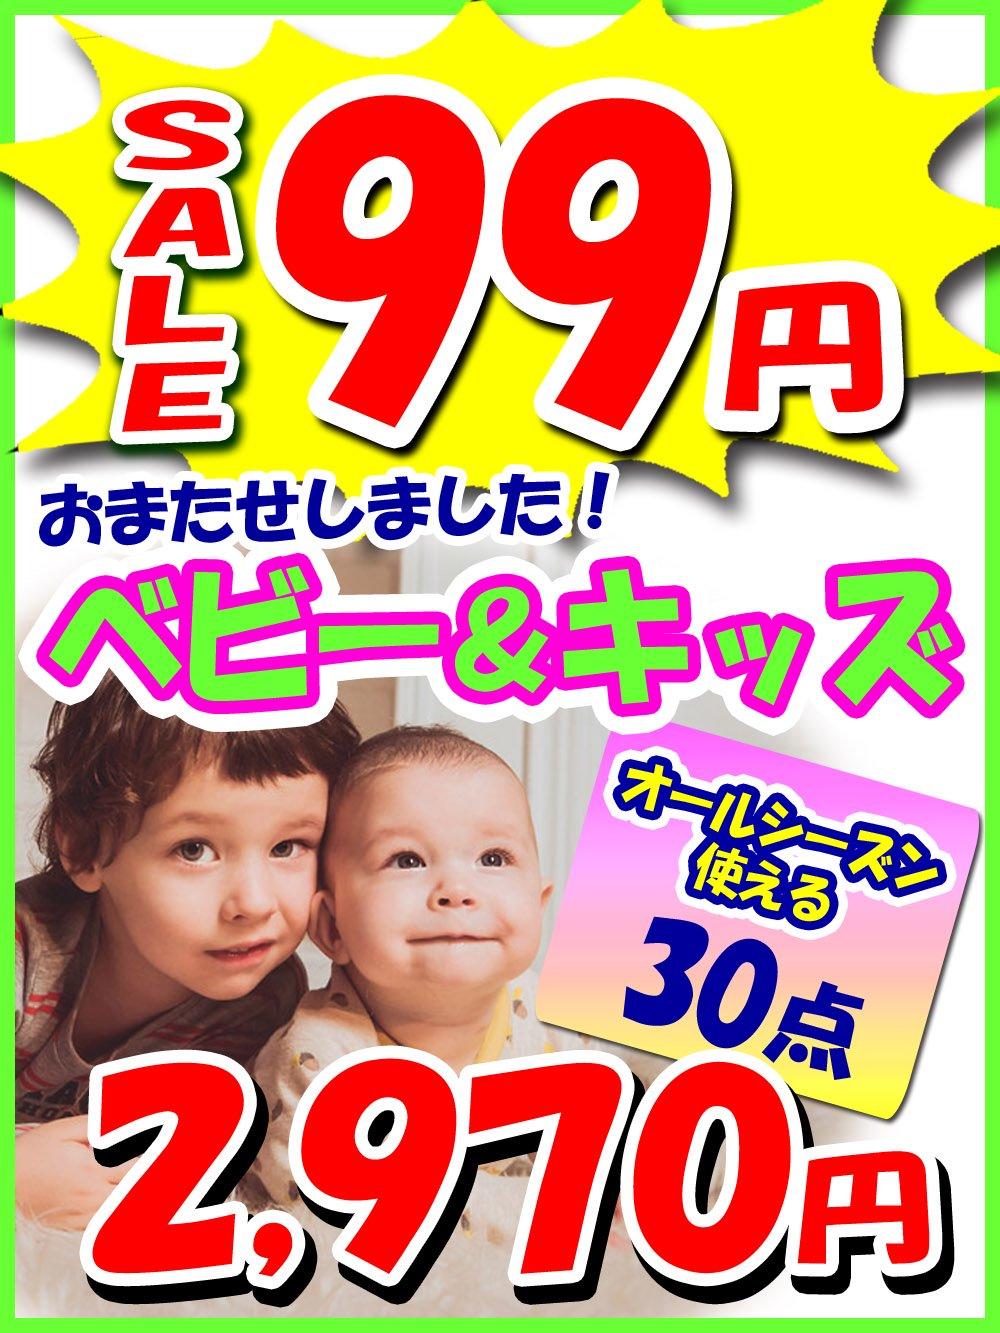 【キッズ&ベビー99円】カワイイものだけ♪オールシーズン!アパレルアラカルト【30点】@99